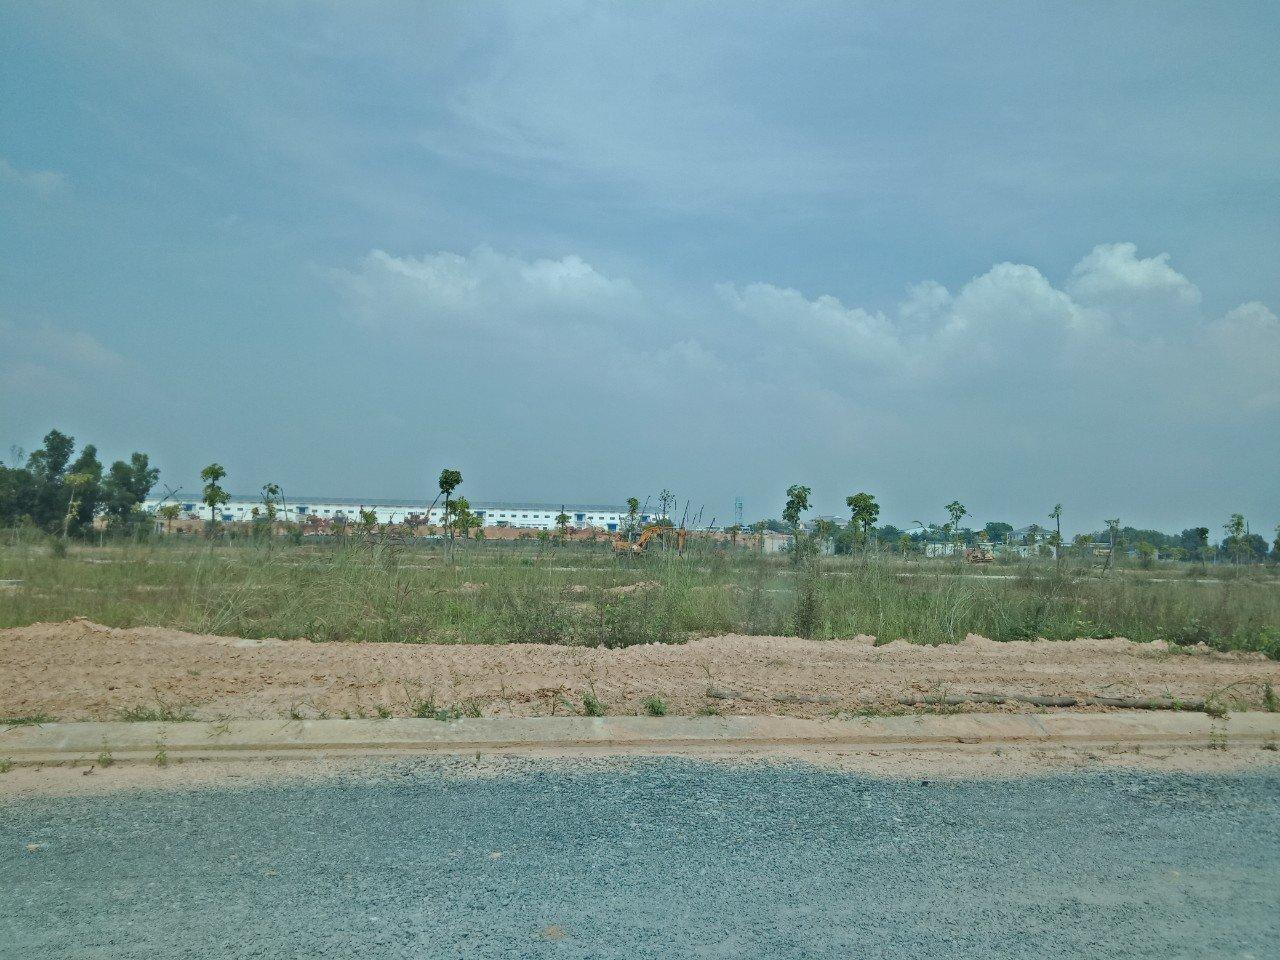 bán đất full thổ cư, Bàu Bàng-Bình Dương, chỉ 740 triệu.